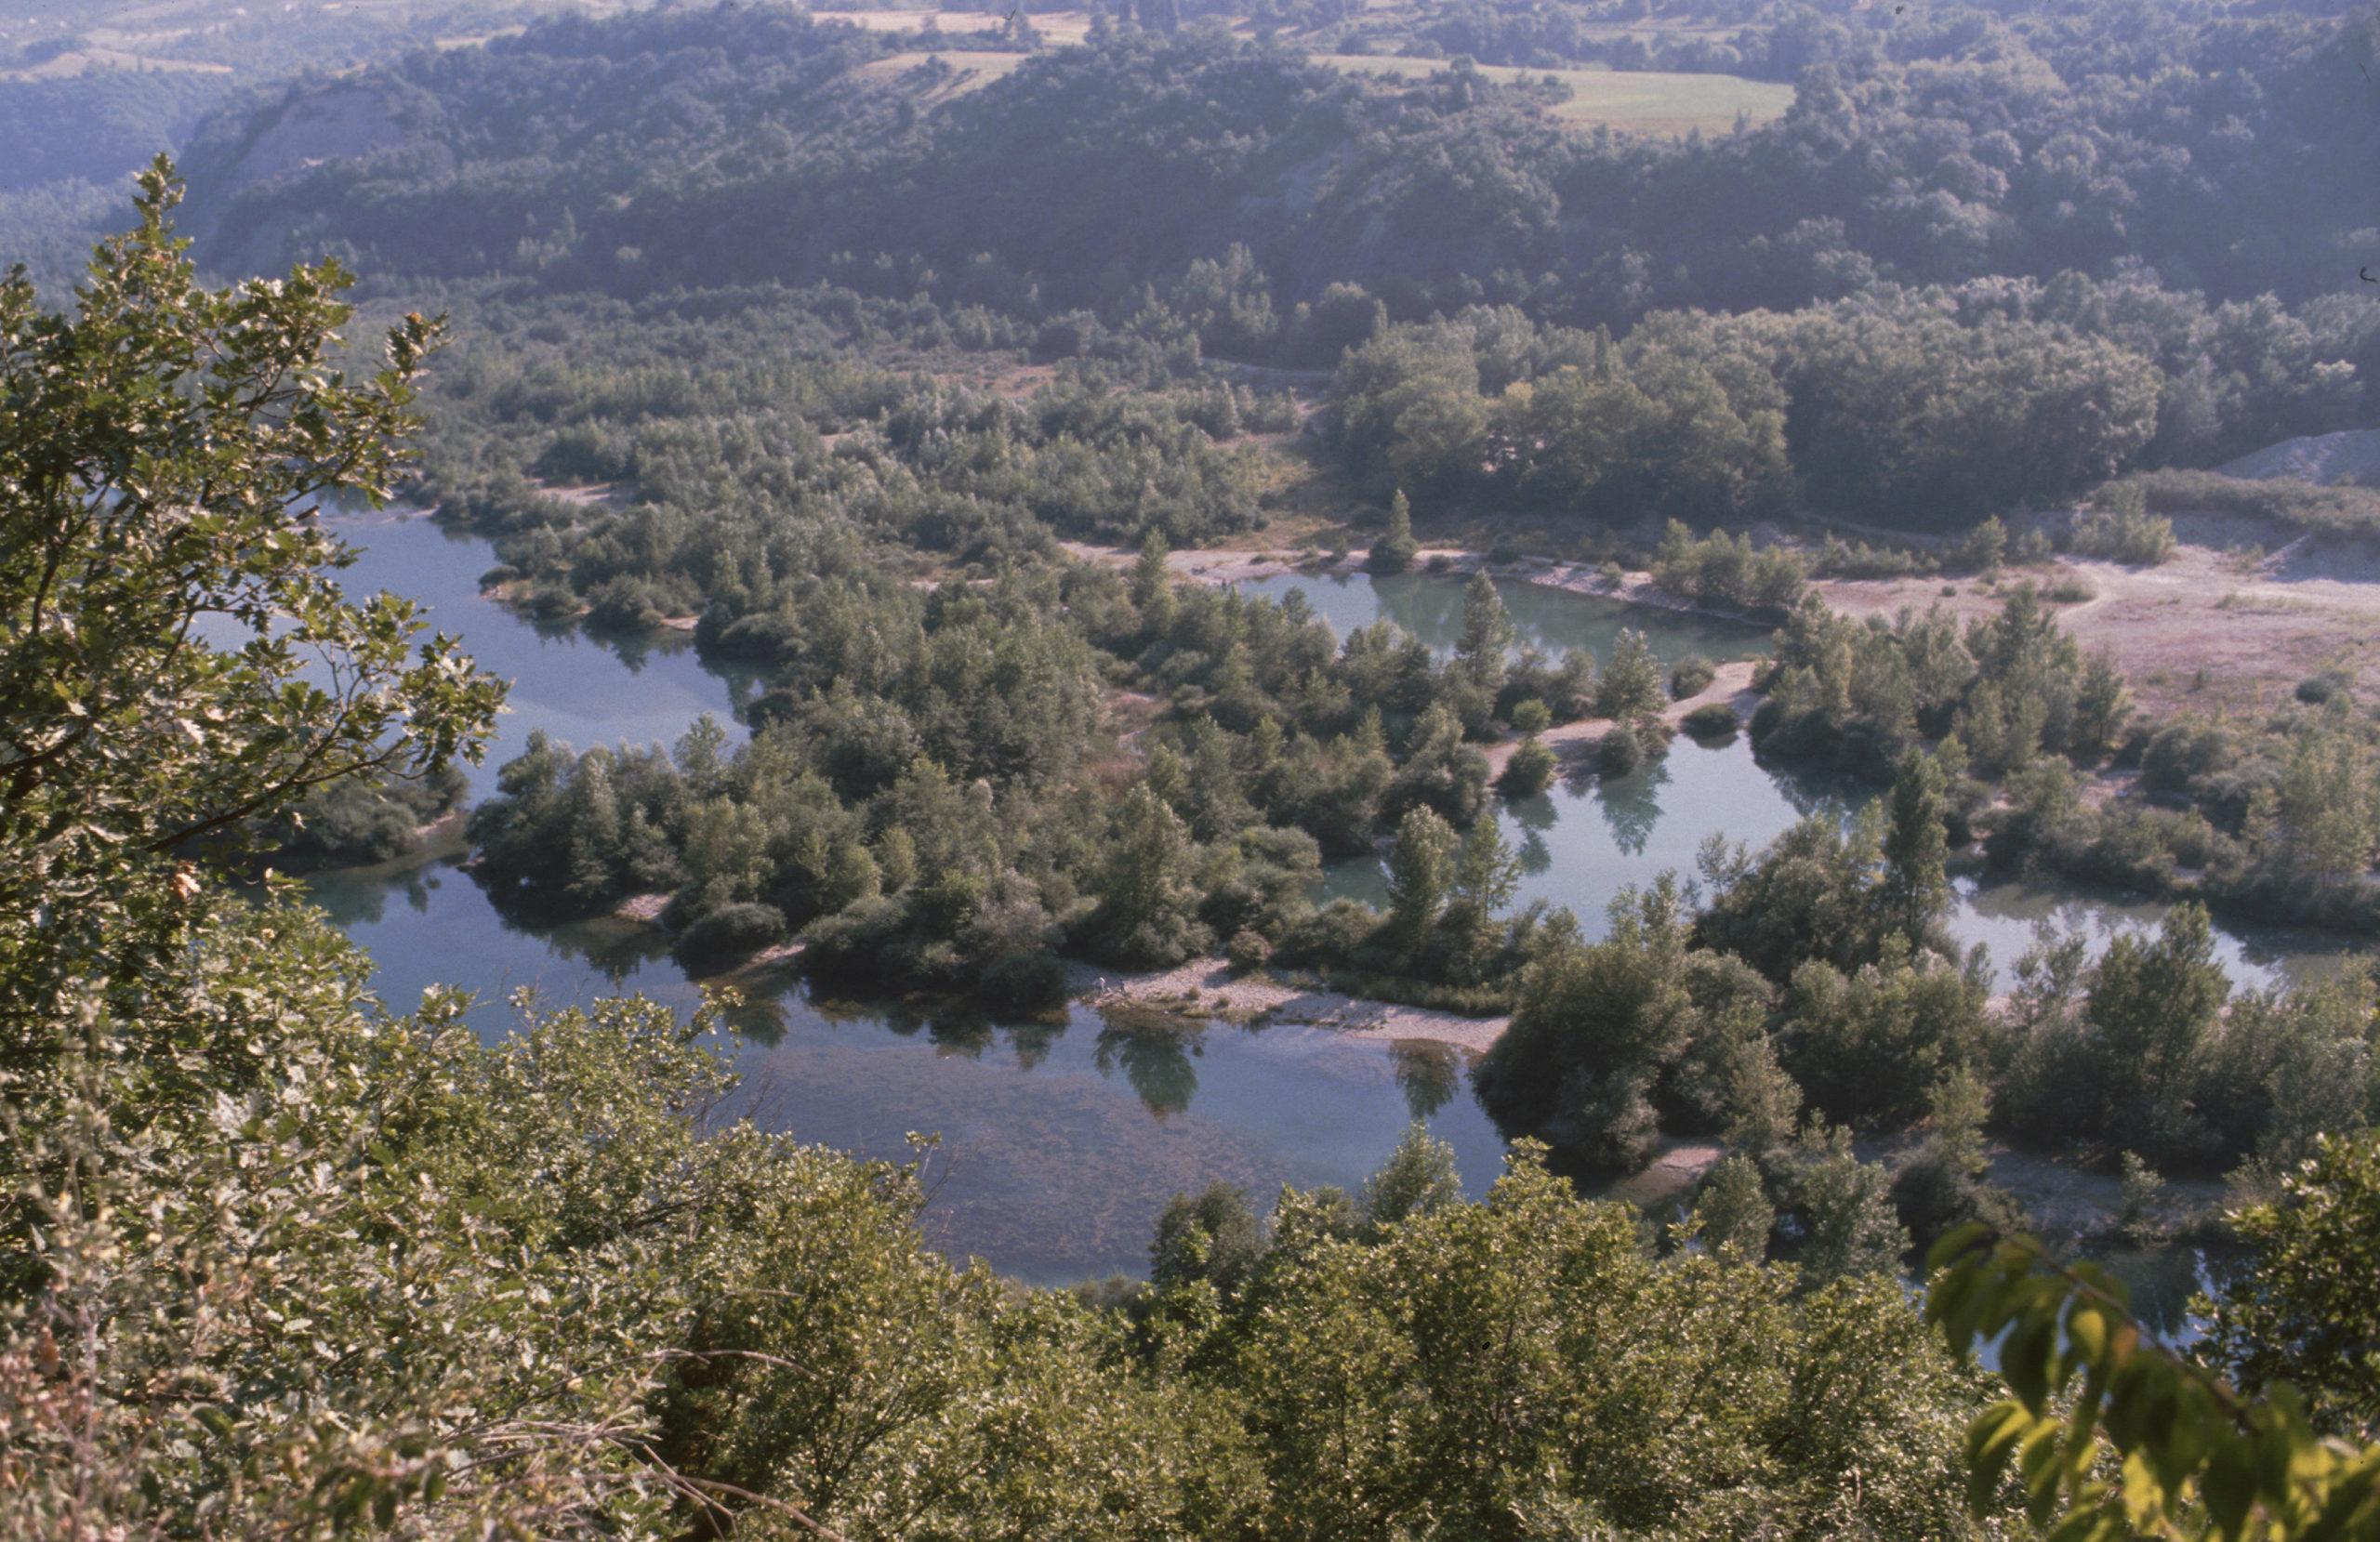 Etat des eaux dans le bassin de l'Agence de l'Eau Rhône Méditerranée Corse : des chiffres clefs